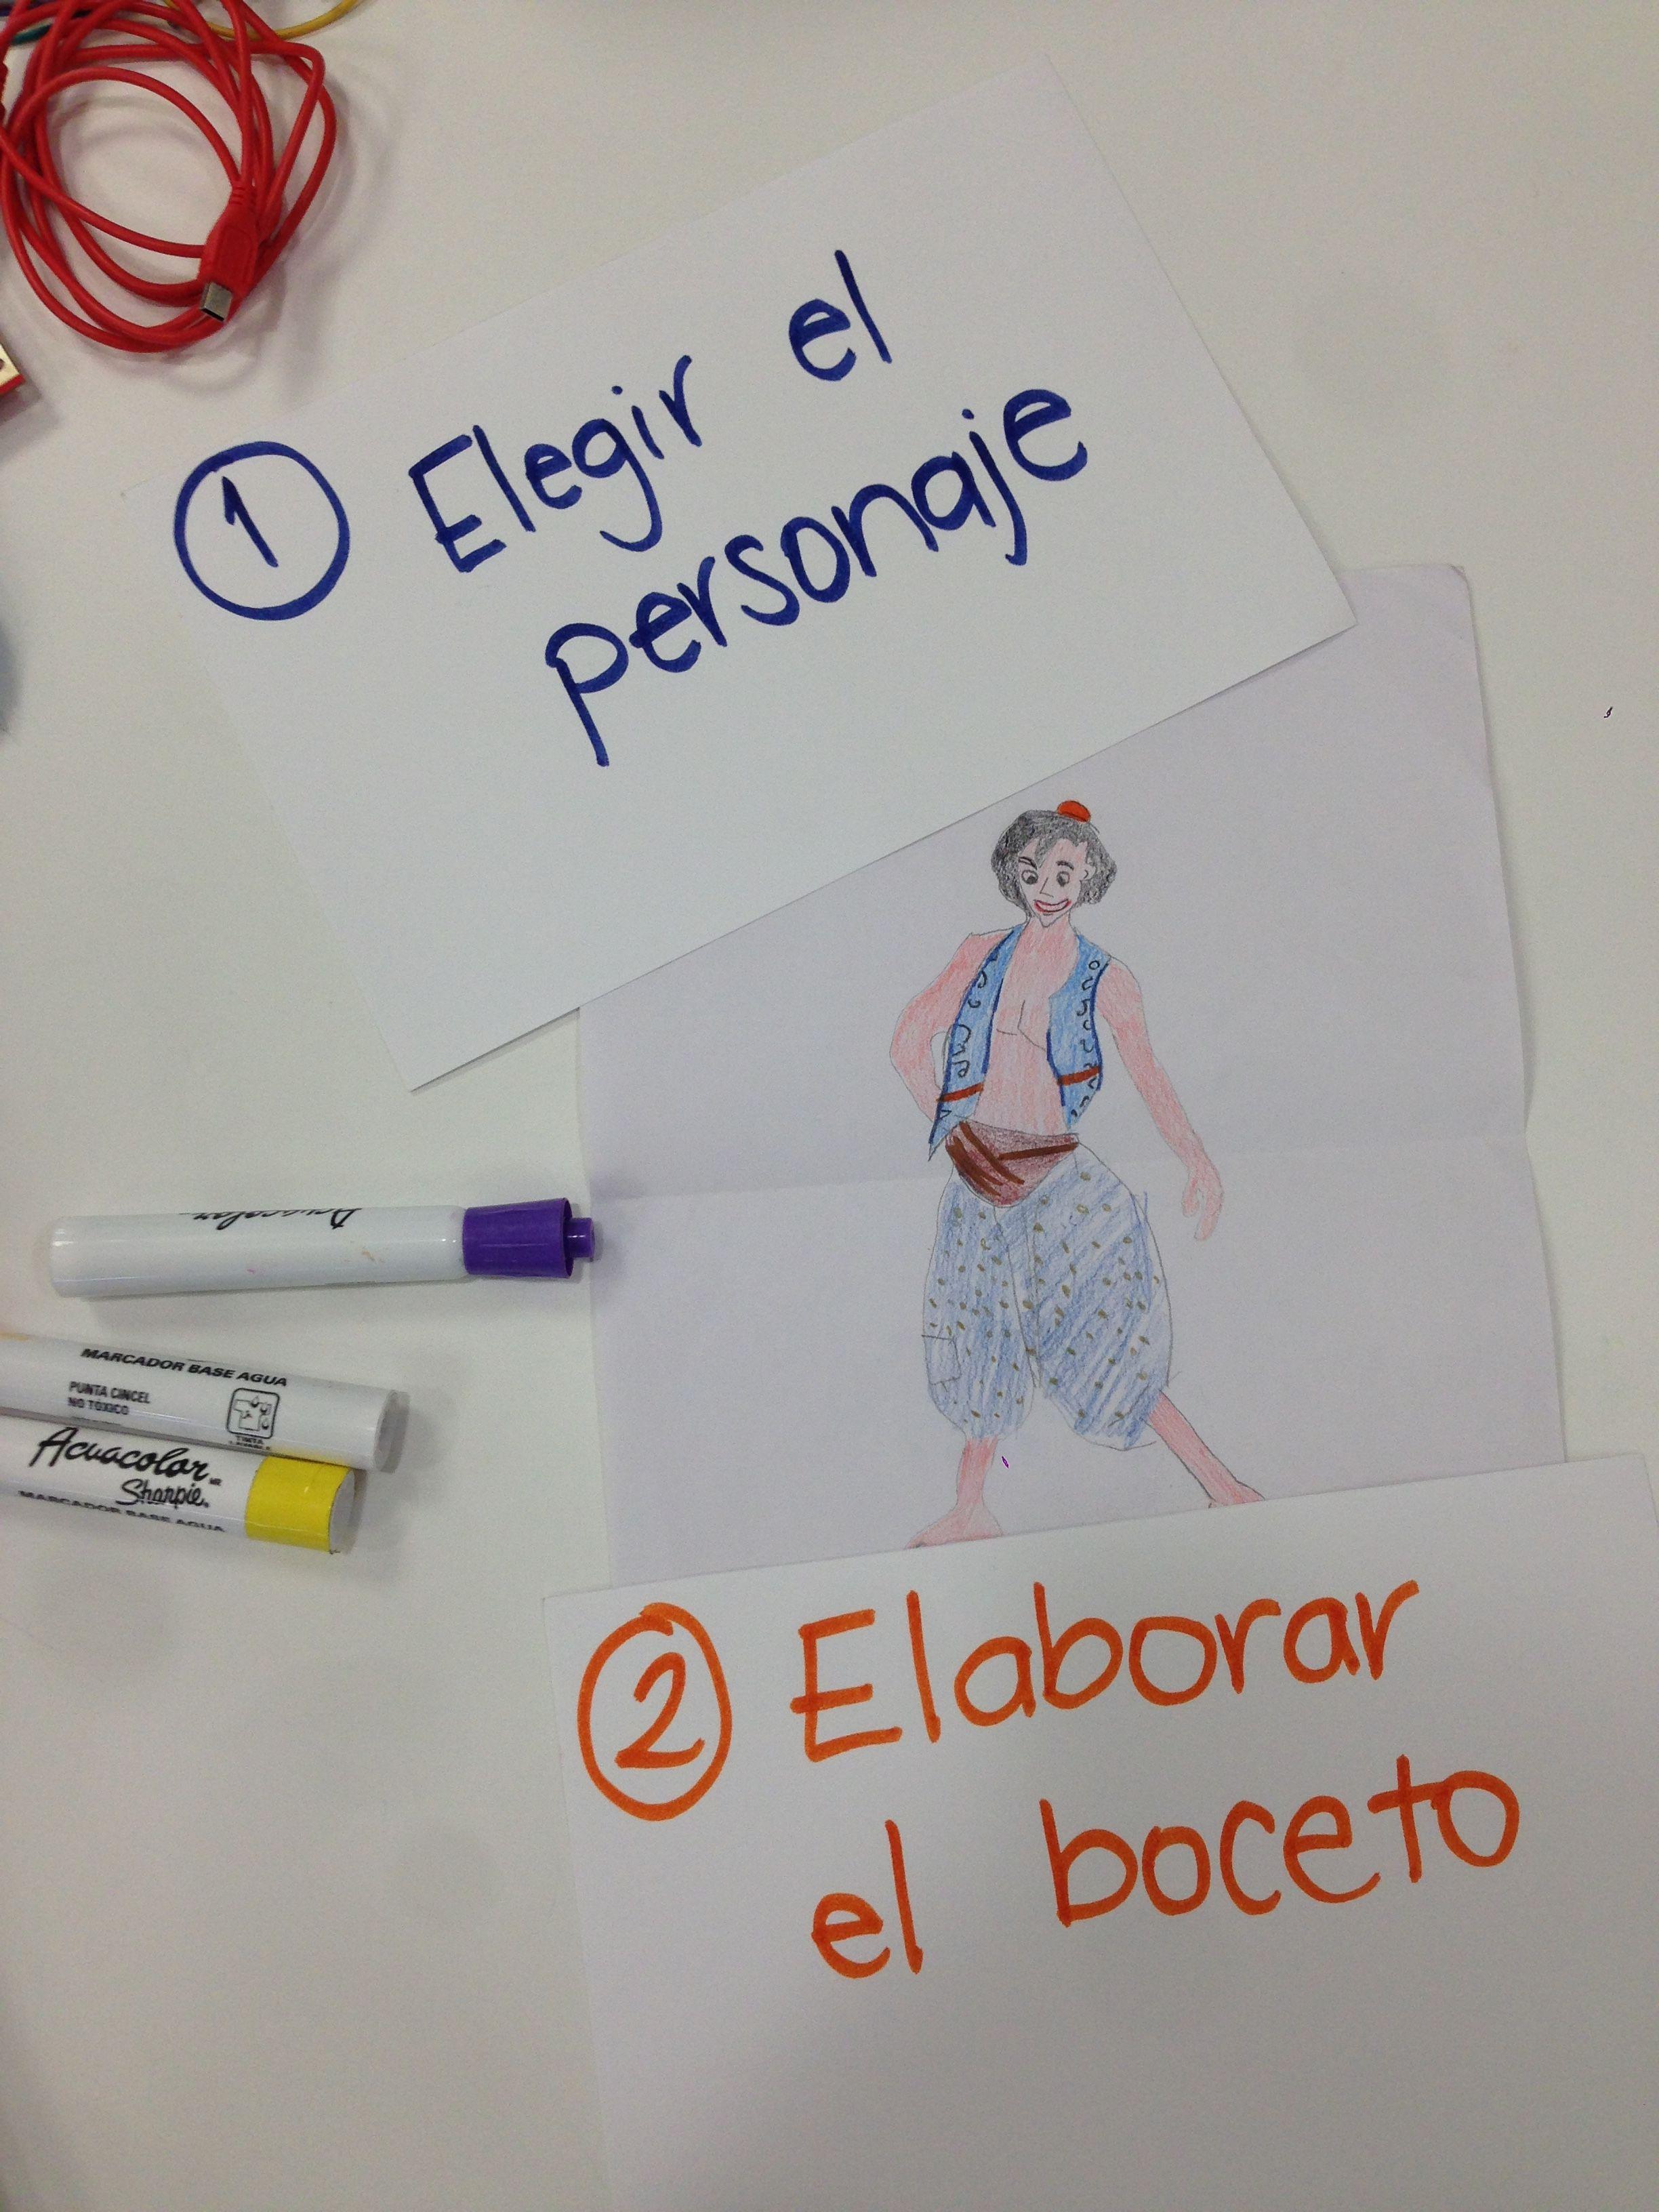 Picture of Elegir El Personaje Y Boceto